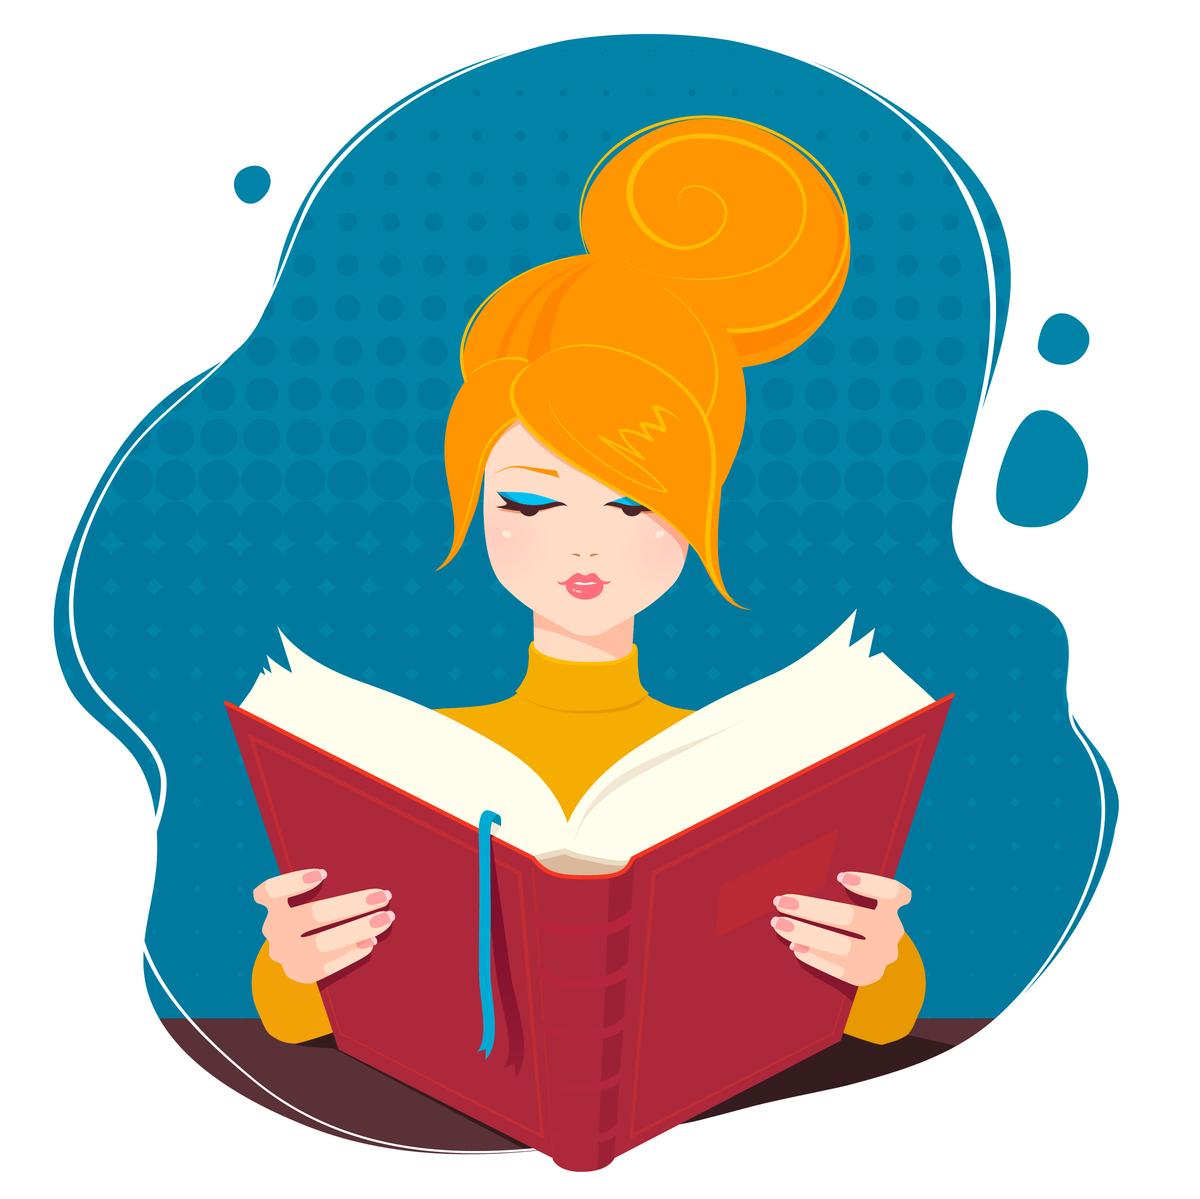 東大OGが『彼女は頭が悪いから』を読んで思うこと。私たちも「クソ東大生」と同じ穴の狢かもしれない